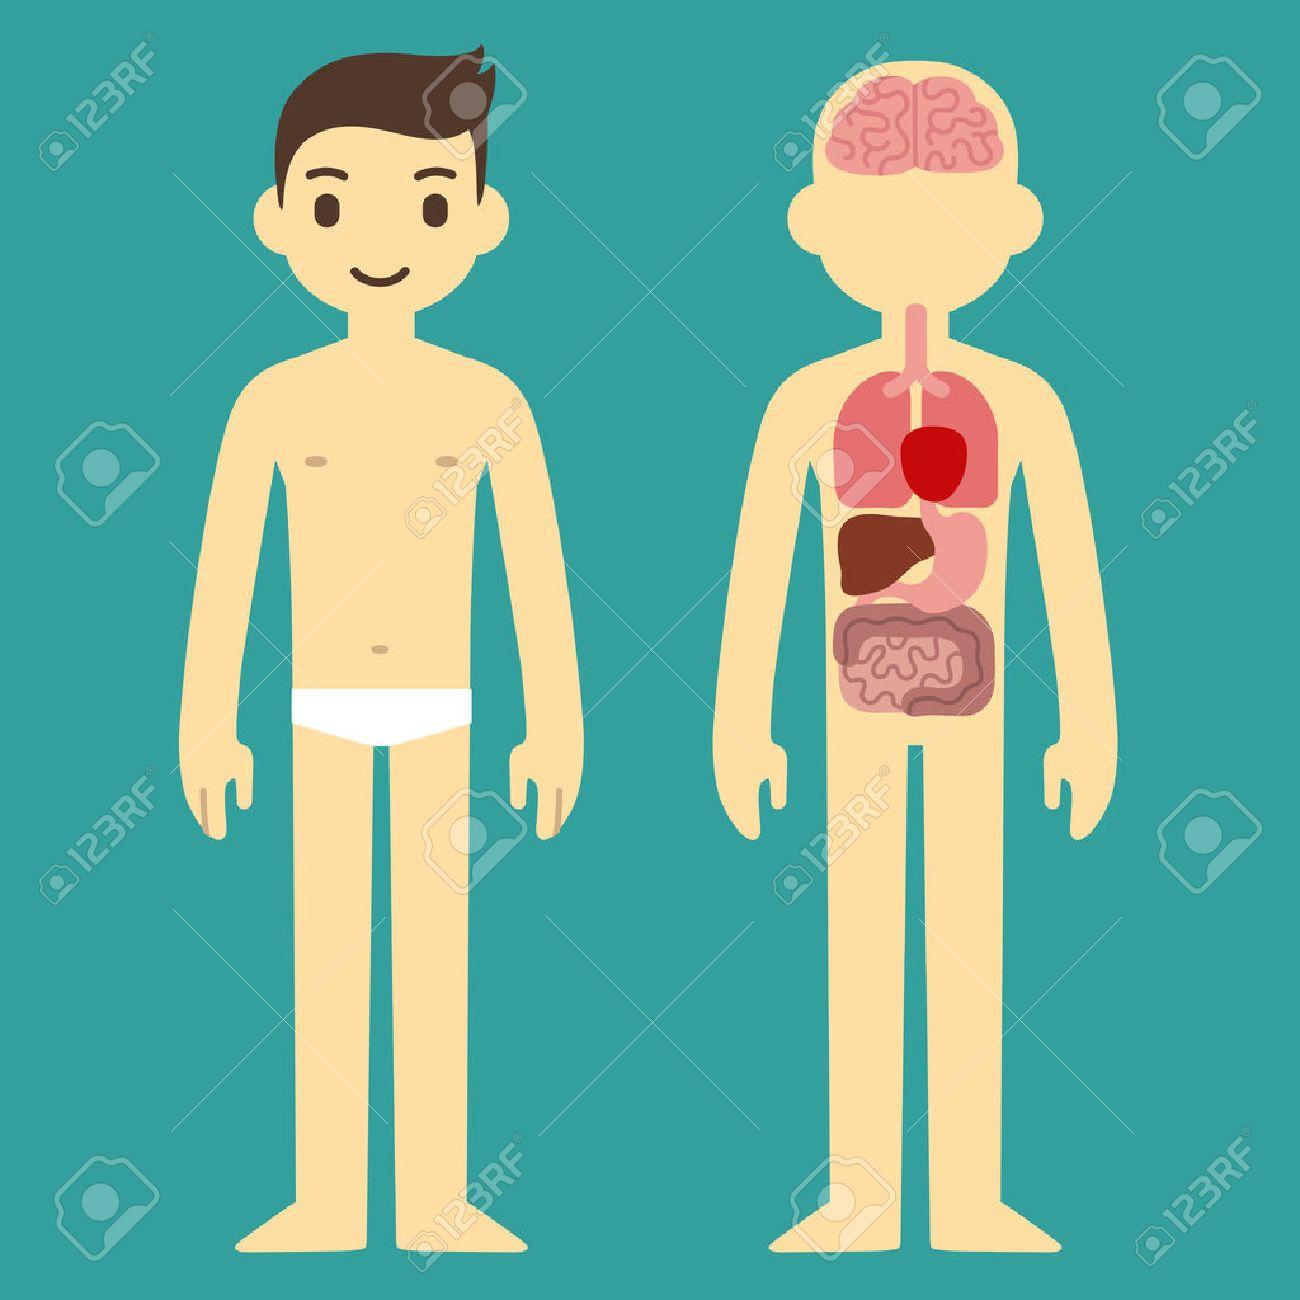 Estilizado Gráfico Humano Anatomía Del Cuerpo: Esquelético, Muscular ...